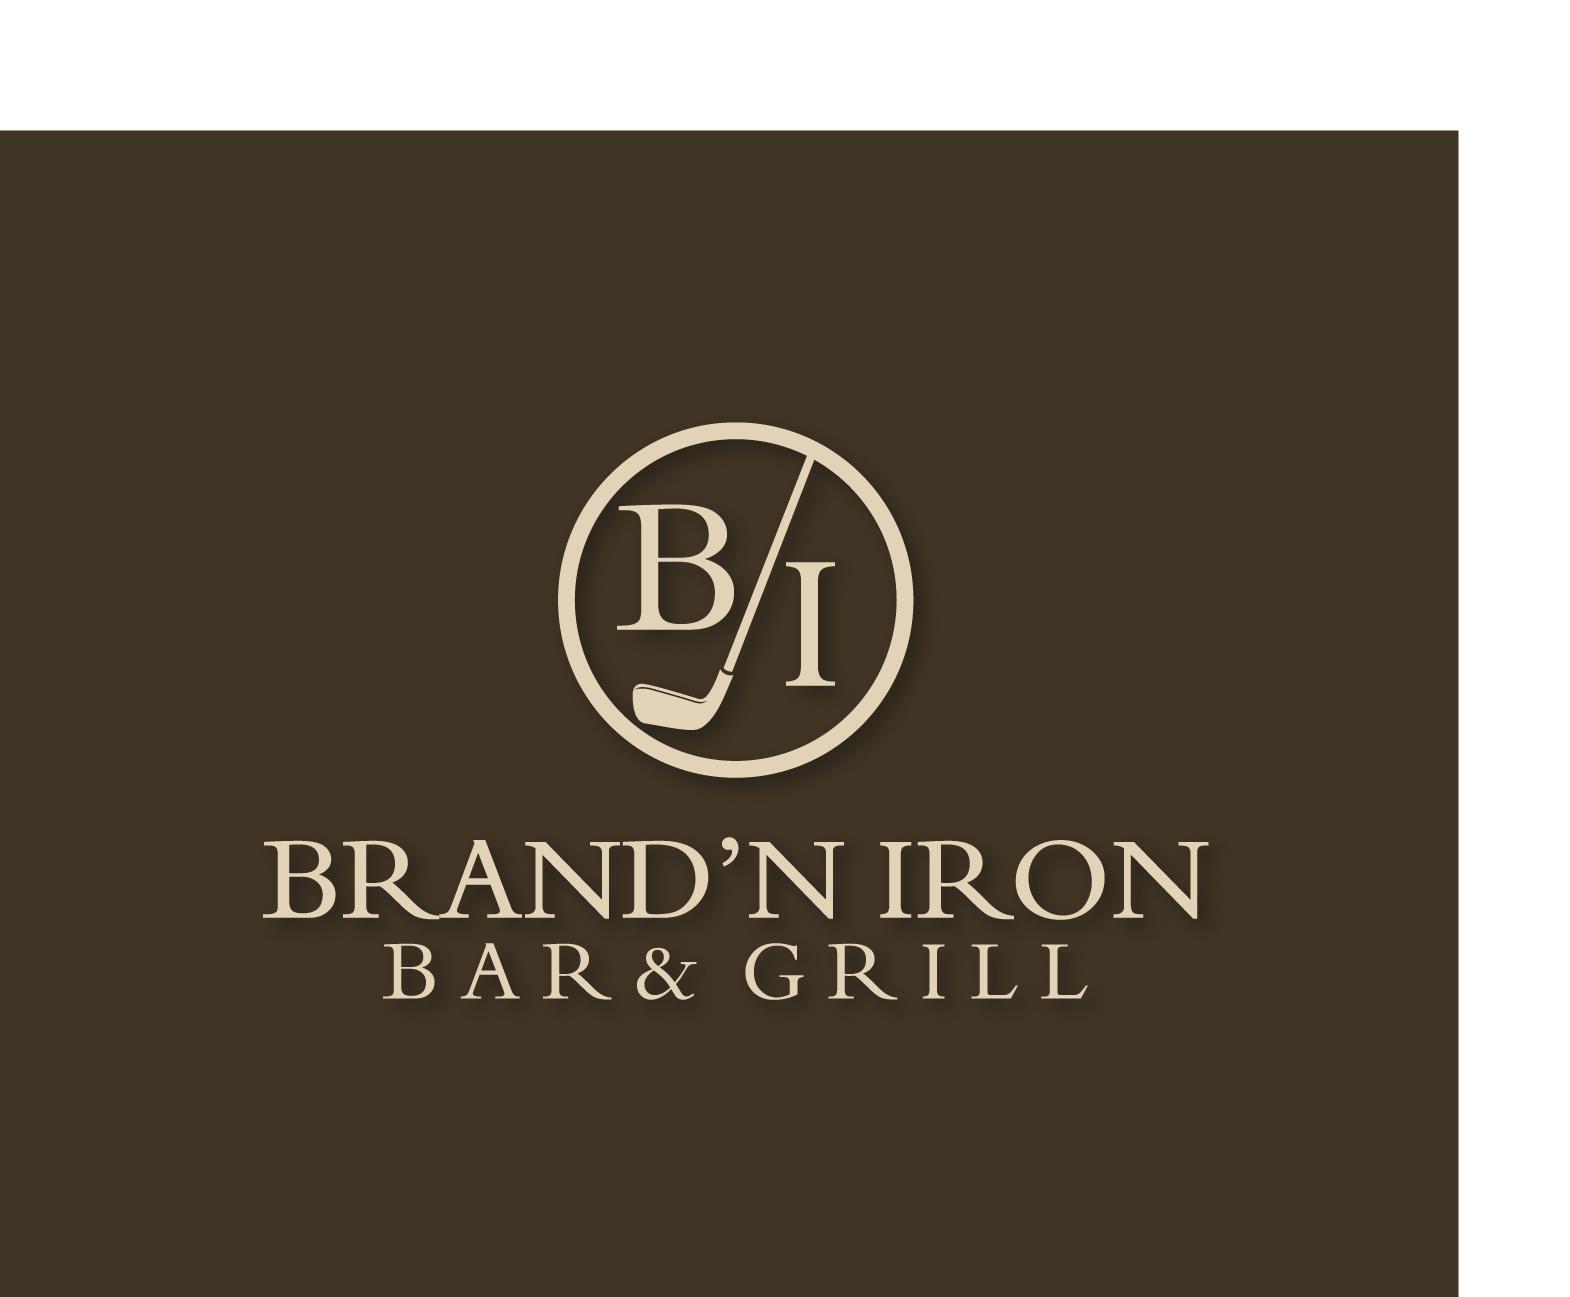 Logo Design by Allan Esclamado - Entry No. 163 in the Logo Design Contest Captivating Logo Design for Brand'n Iron Bar & Grill.